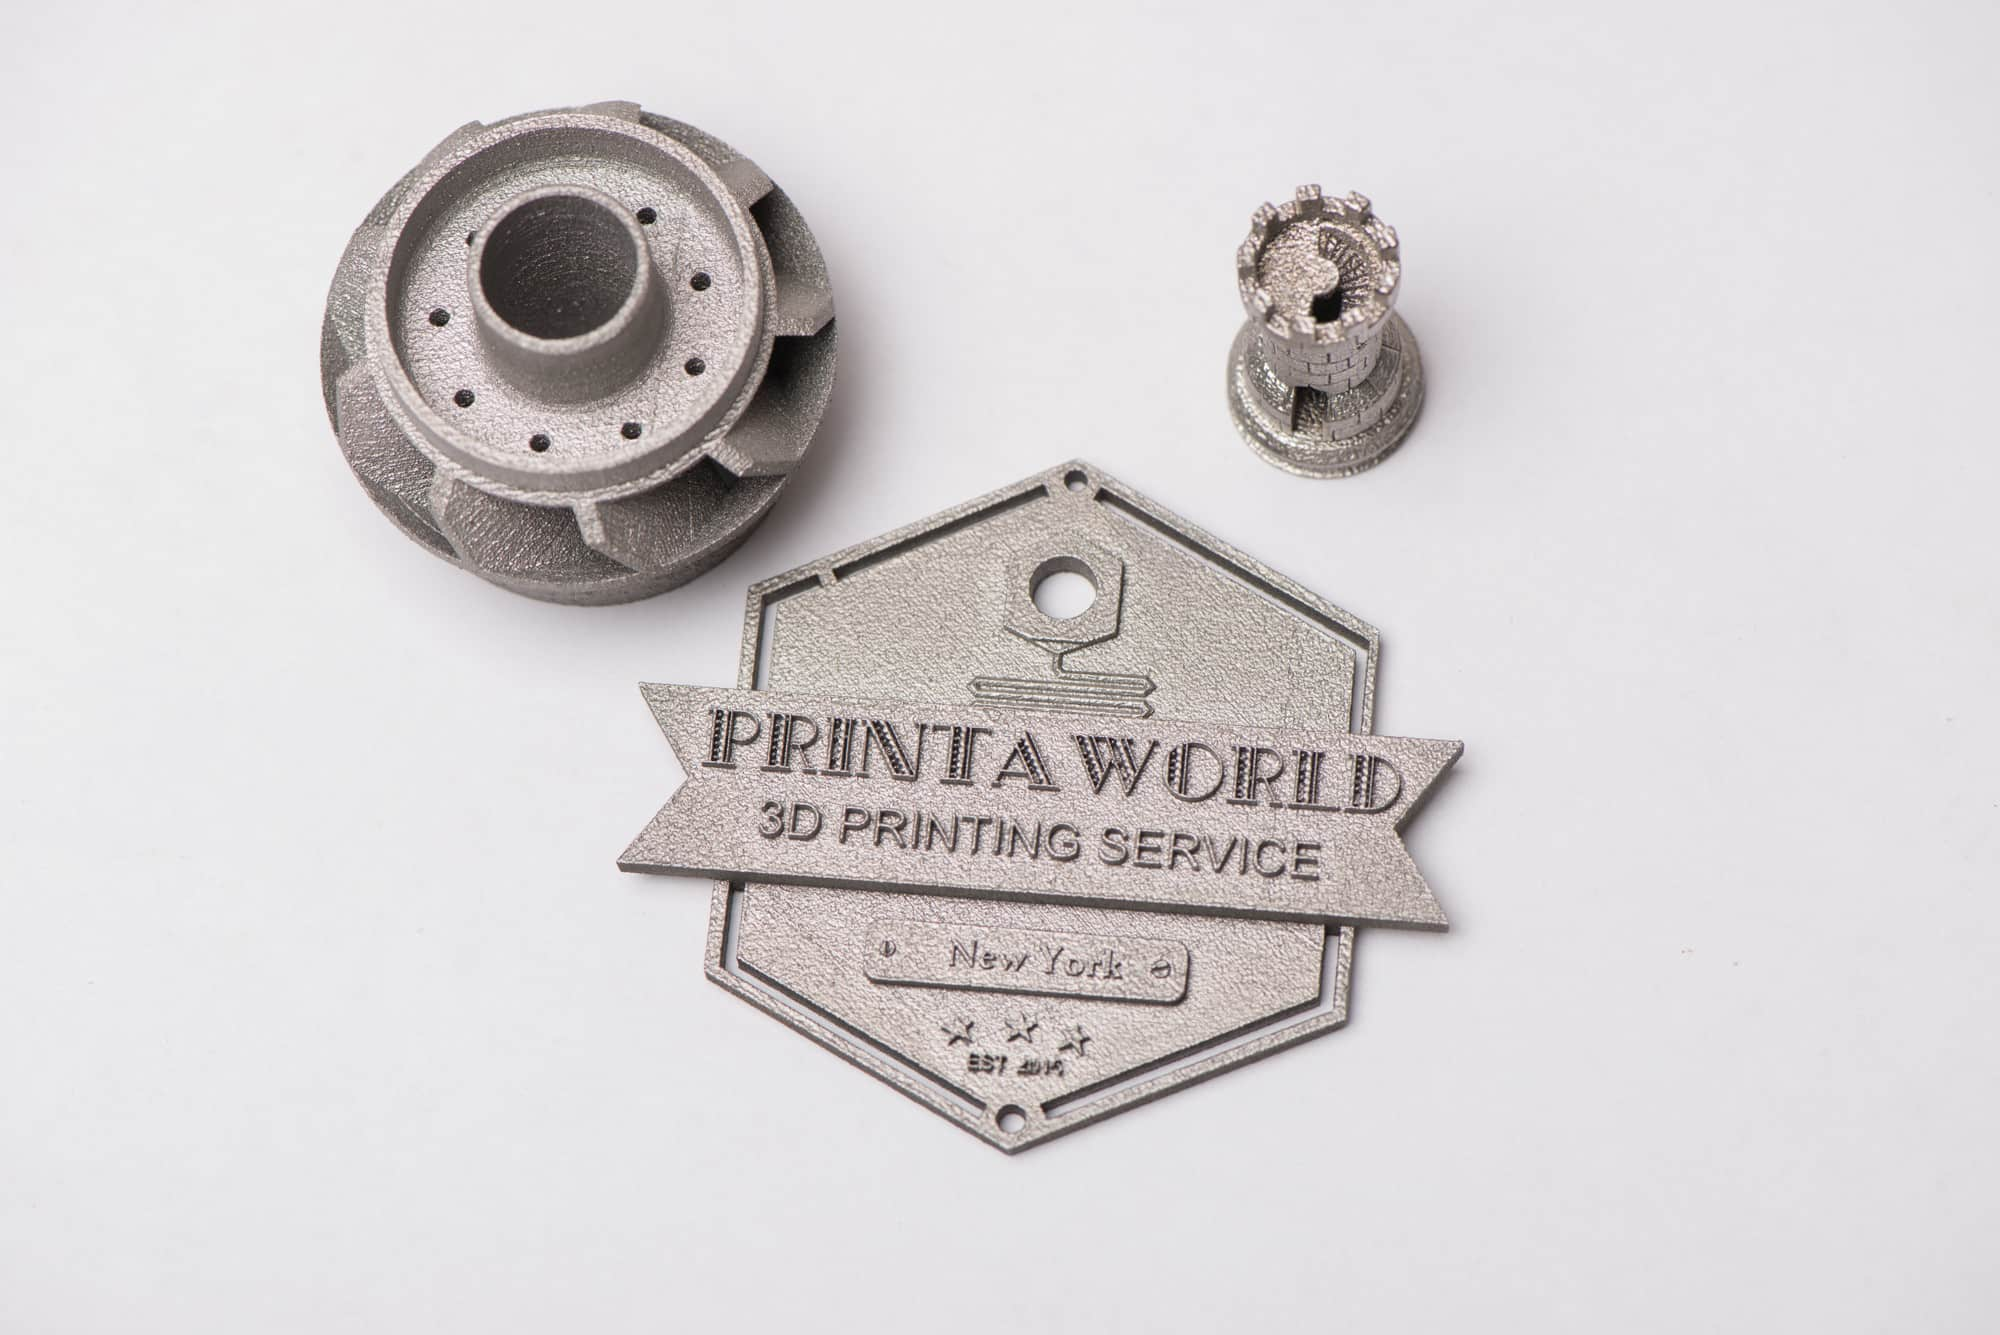 Printaworld logo metal plated